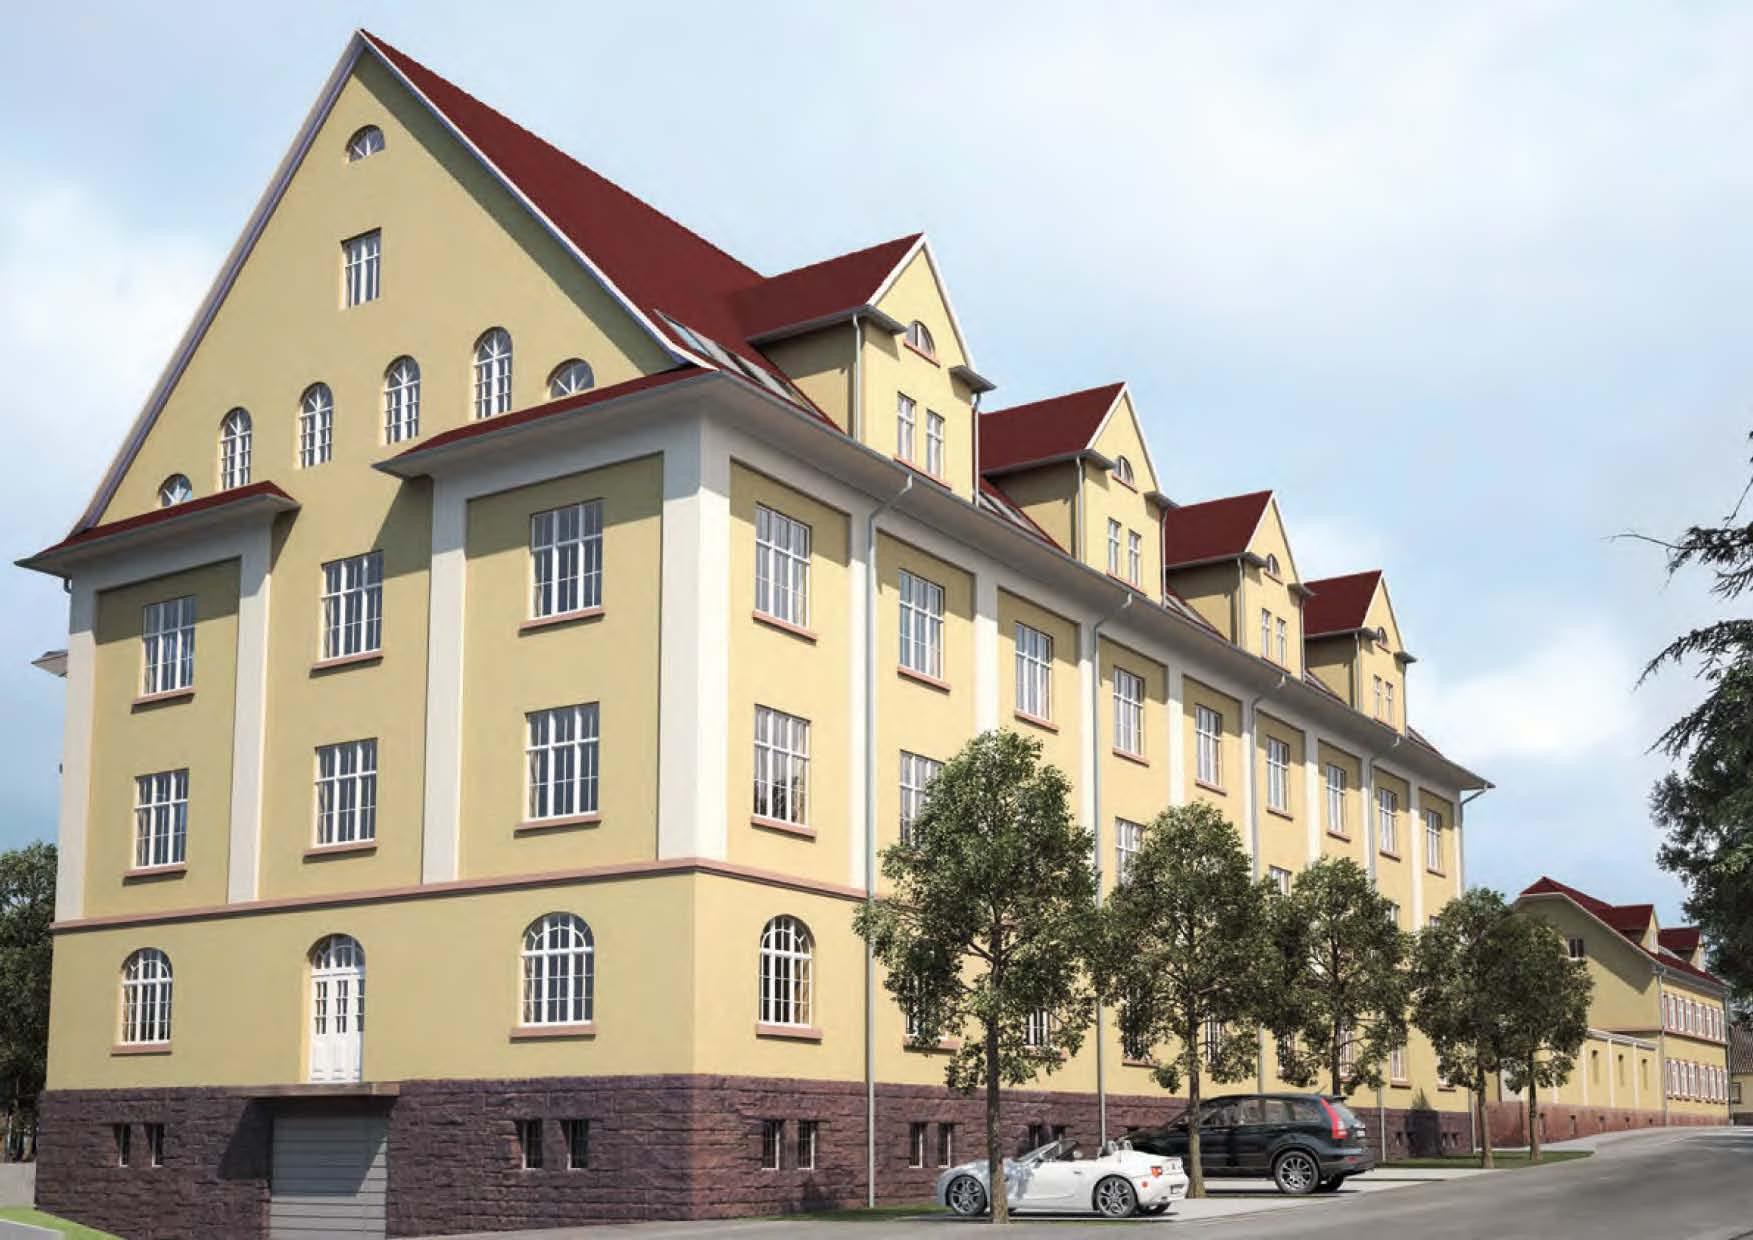 Denkmalschutz Immobilien in Offenburg kaufen | Denkmalimmobilien.info